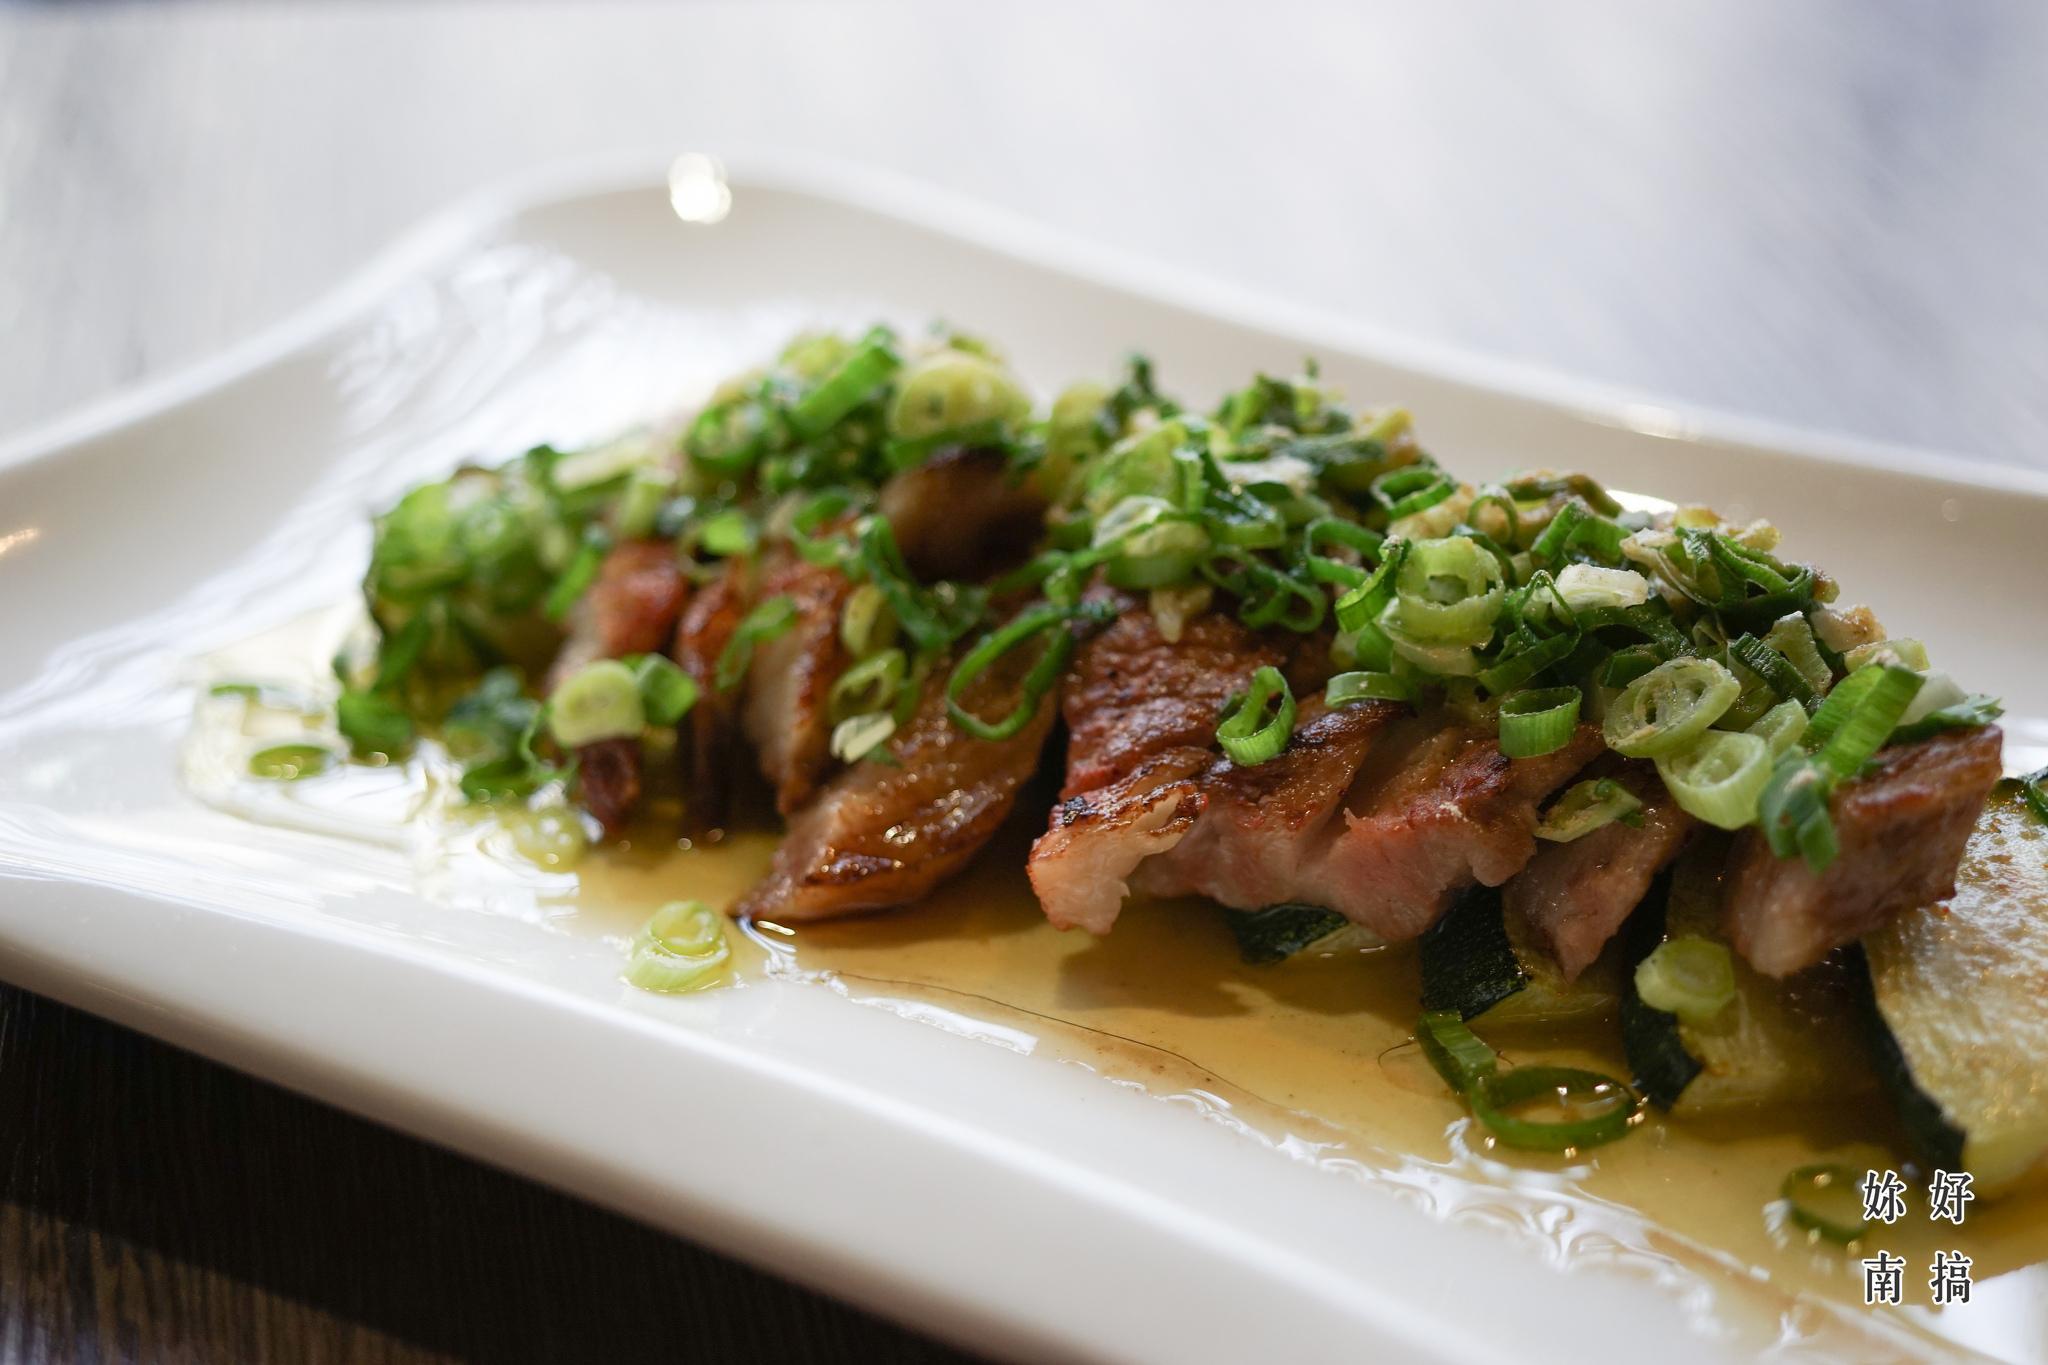 台南創意料理-cheftable開箱-12-妳好南搞